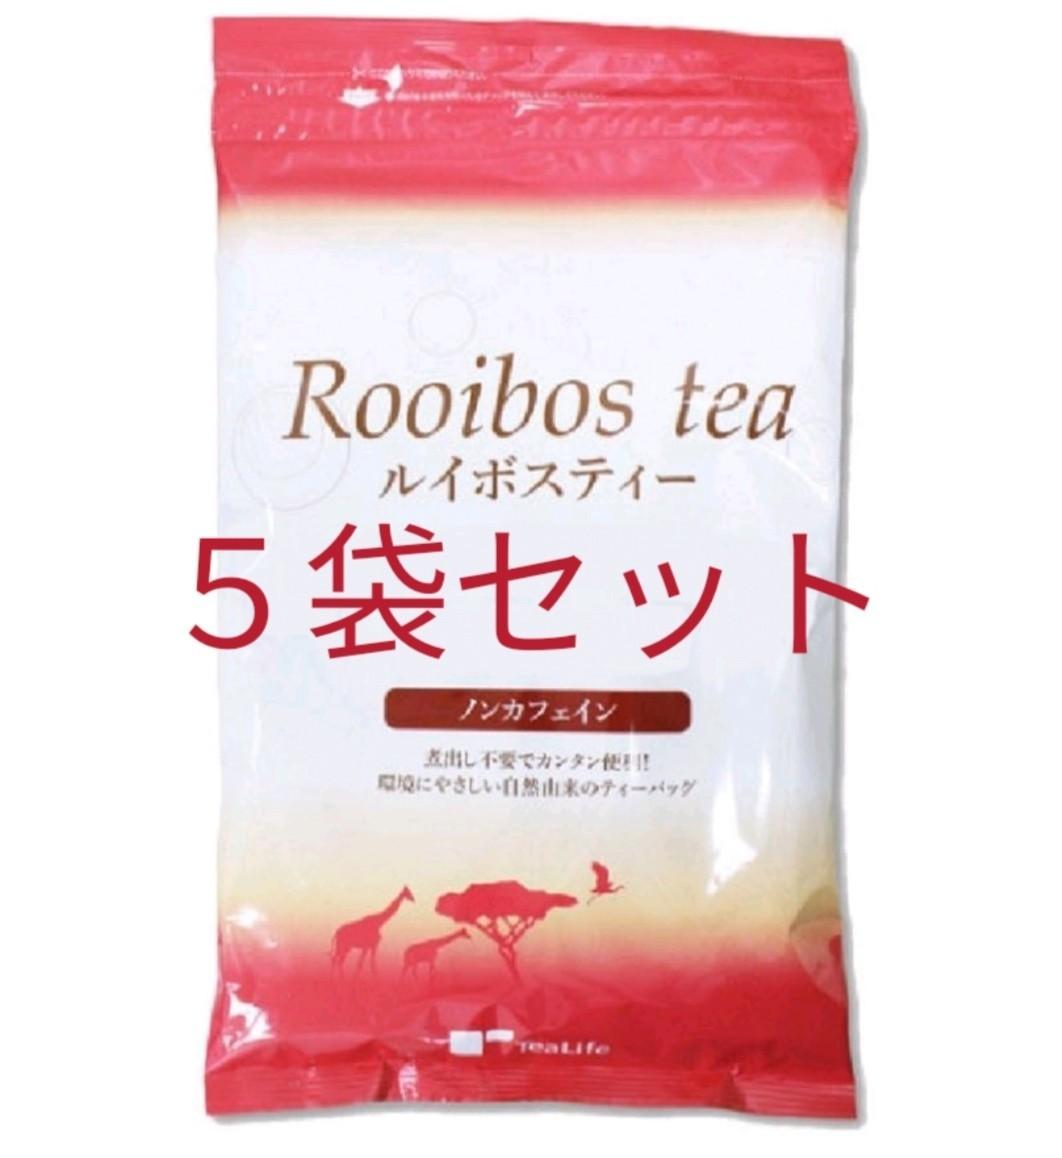 ルイボスティー ティーライフ 101個 × 5袋【新品未開封】